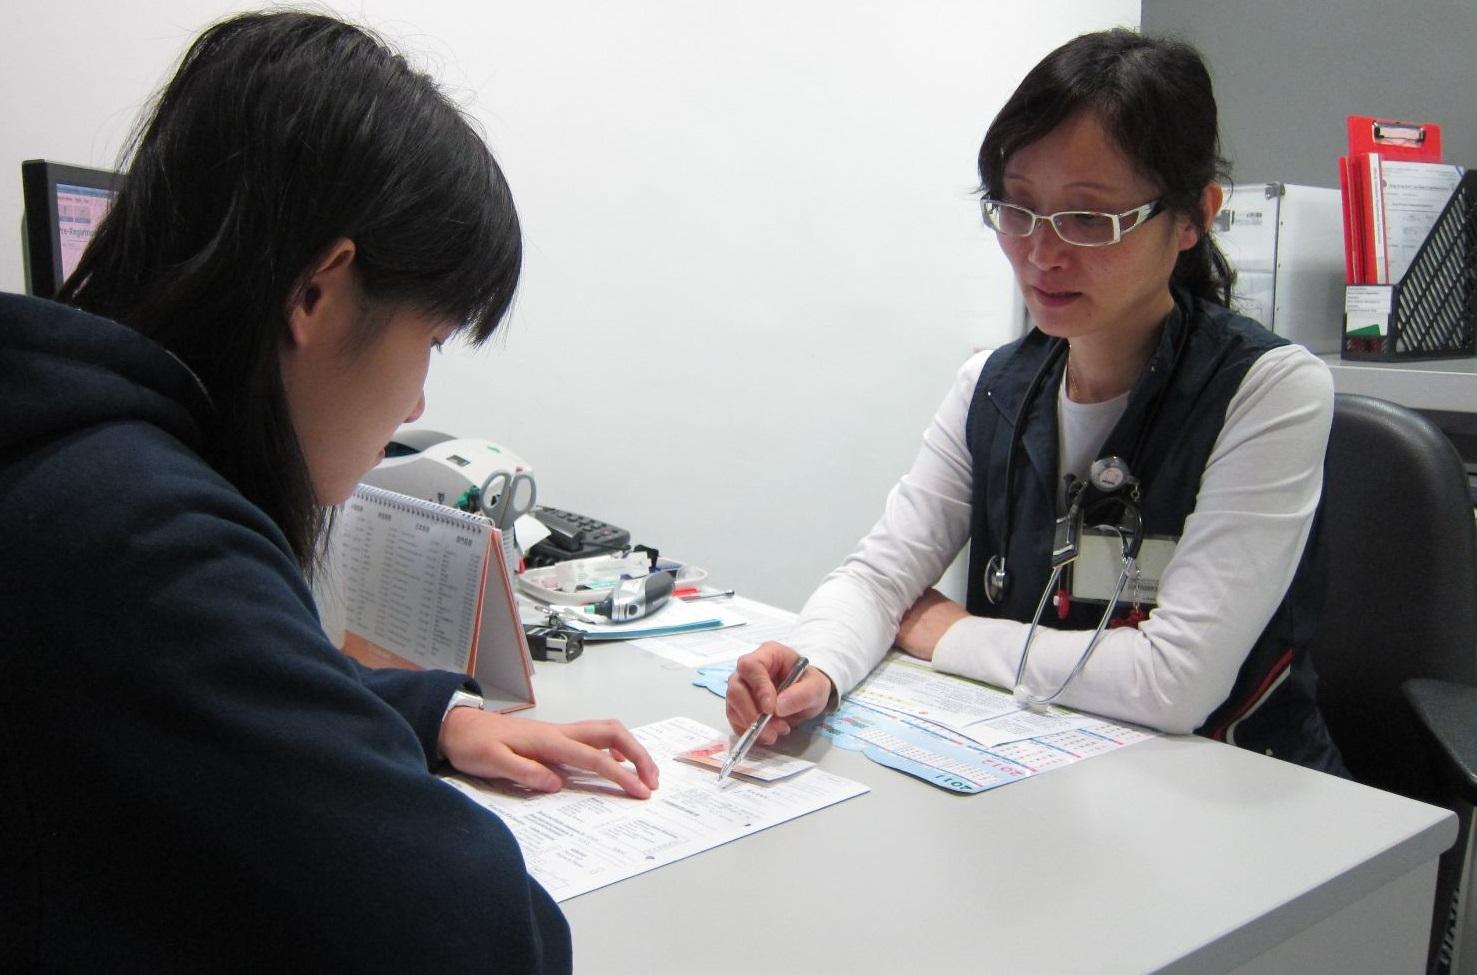 圖片: 護士接見捐血者,查詢健康狀況並量度體溫